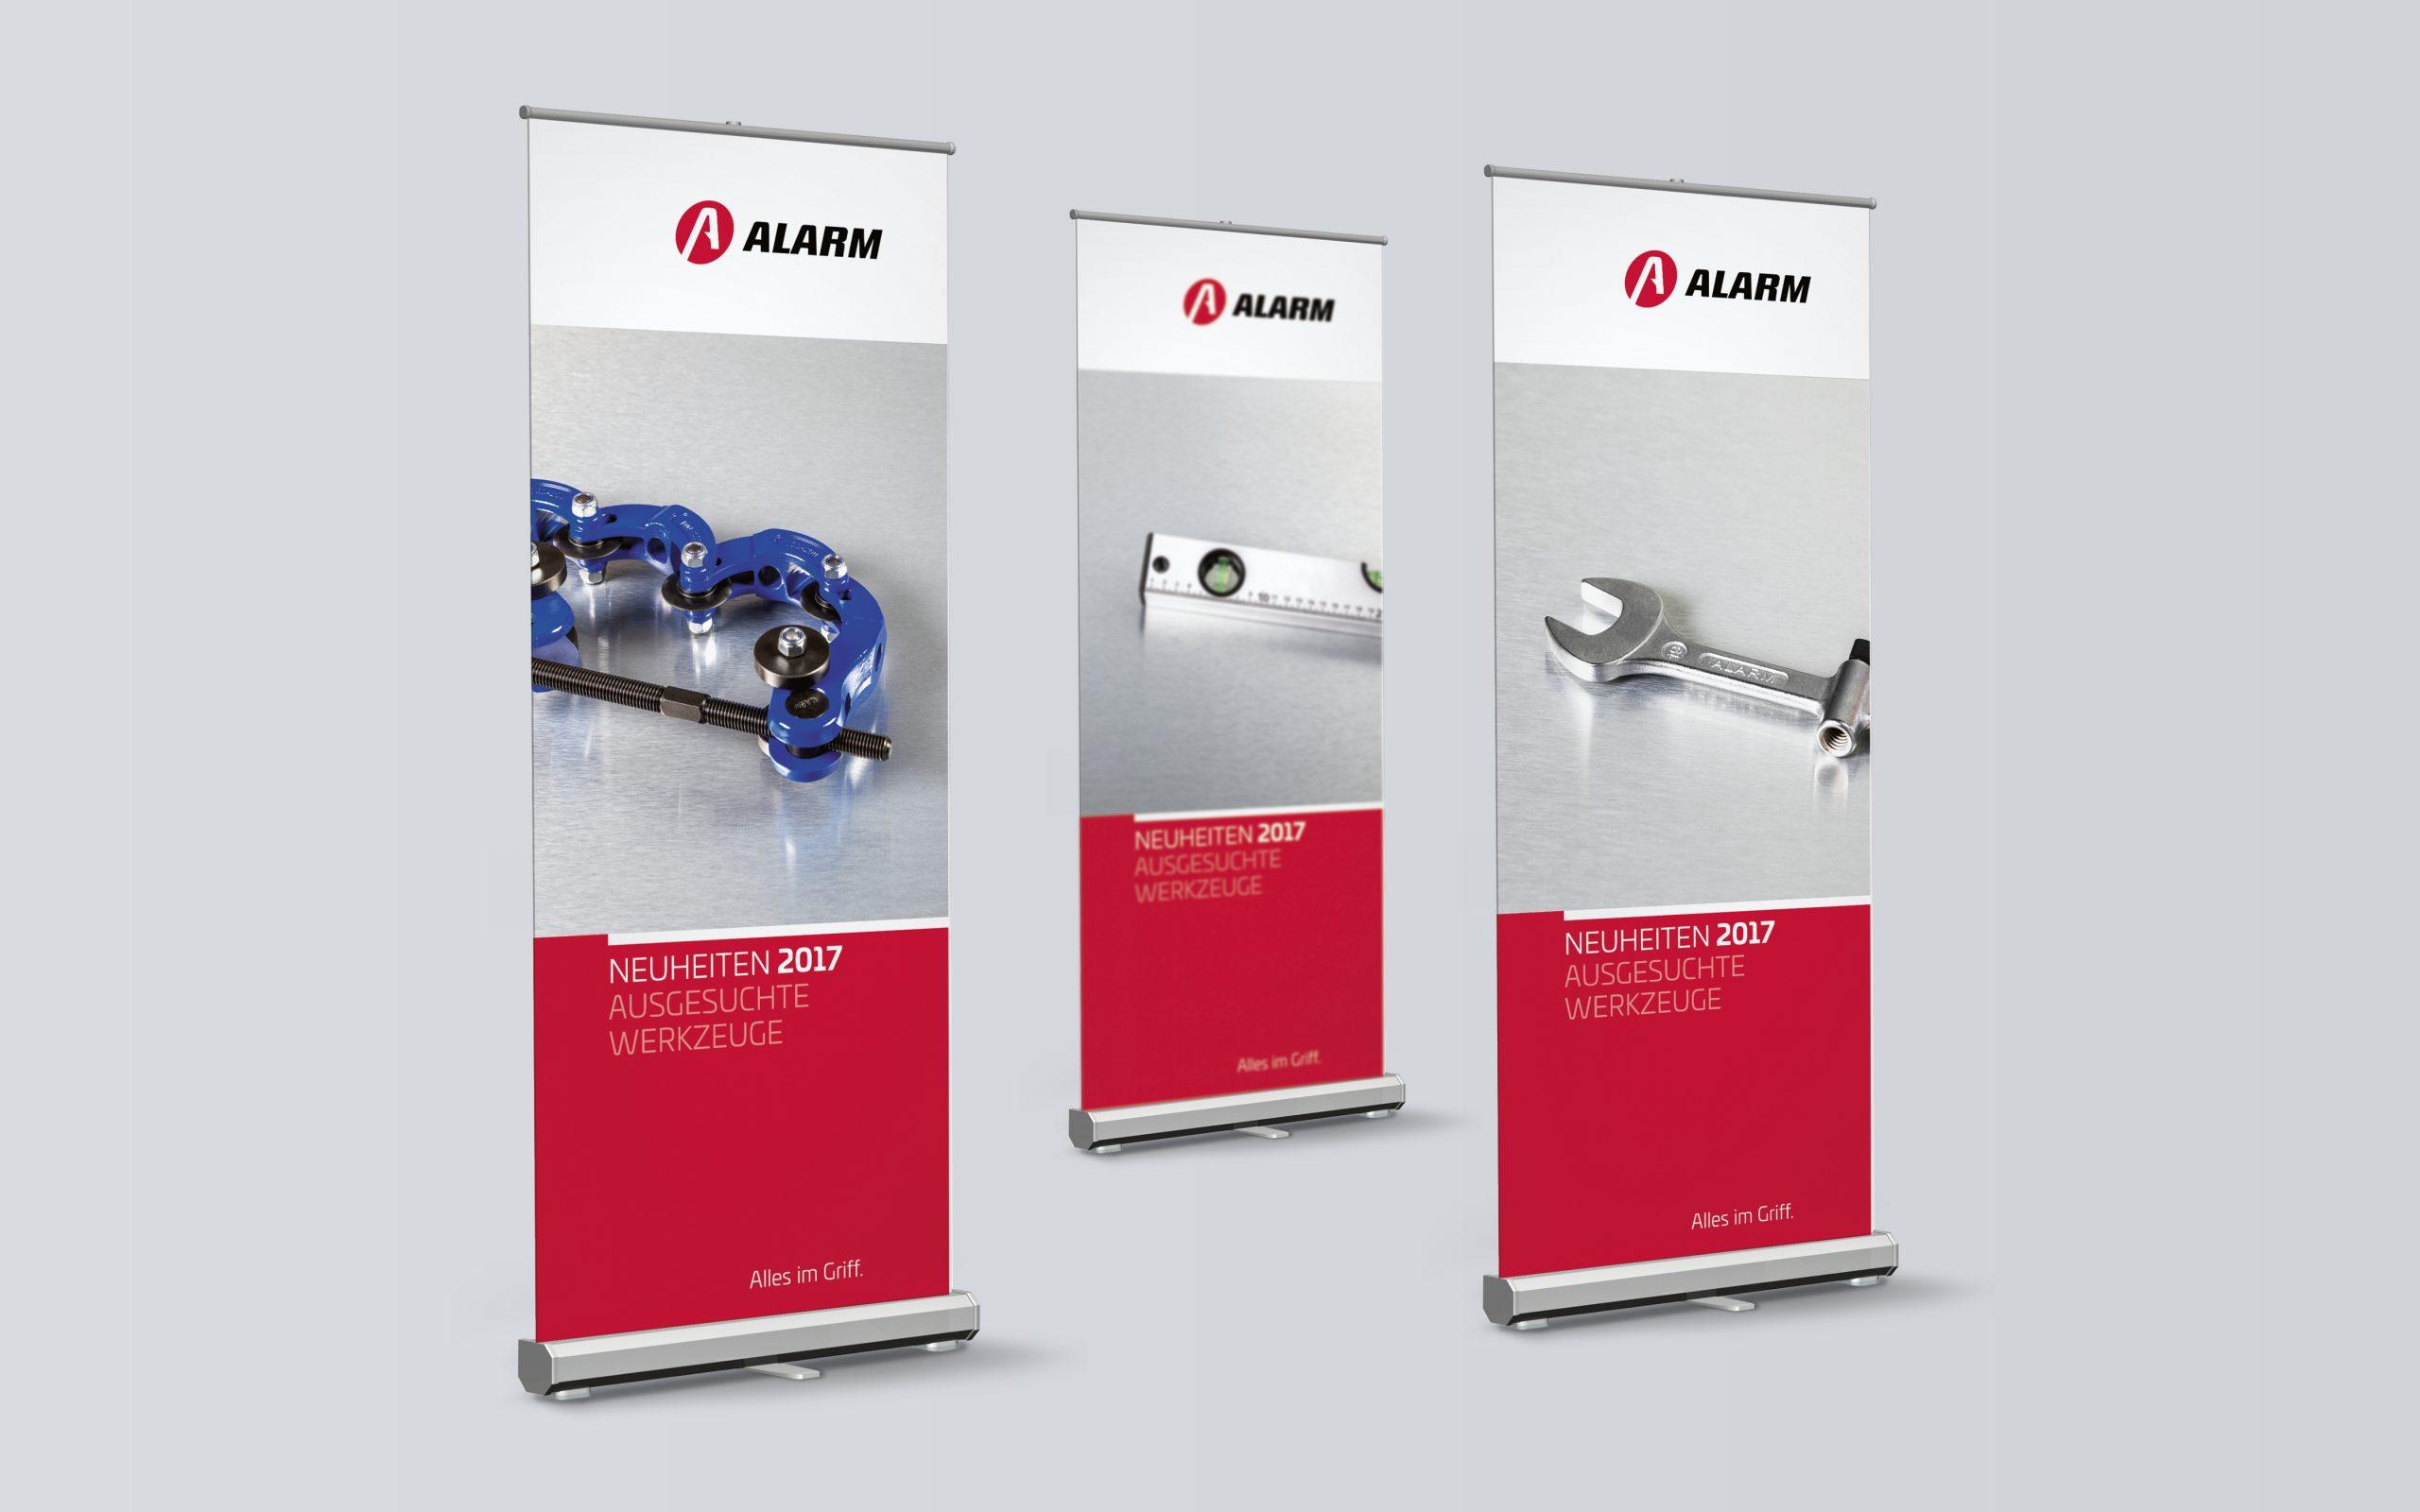 Alarm Werkzeuge: Corporate Design von Bosbach, Bannerdesign